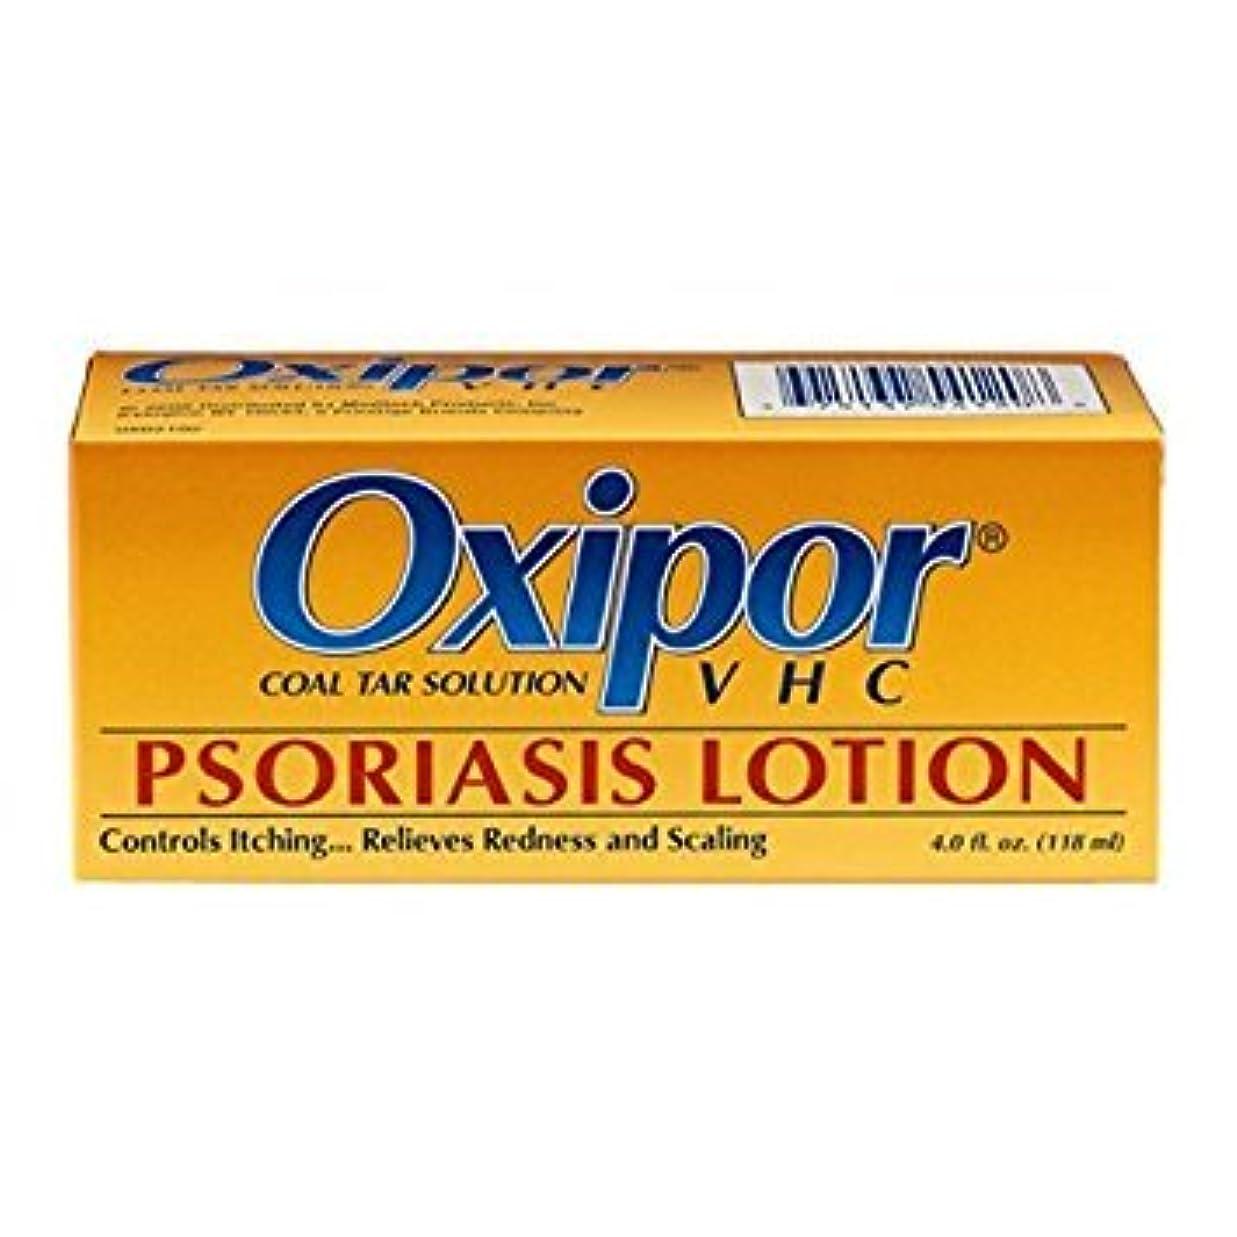 郵便屋さん構造メッセージオキシポア 乾癬ローション / Oxipor VHC Psoriasis Lotion, (56ml ) [並行輸入品]